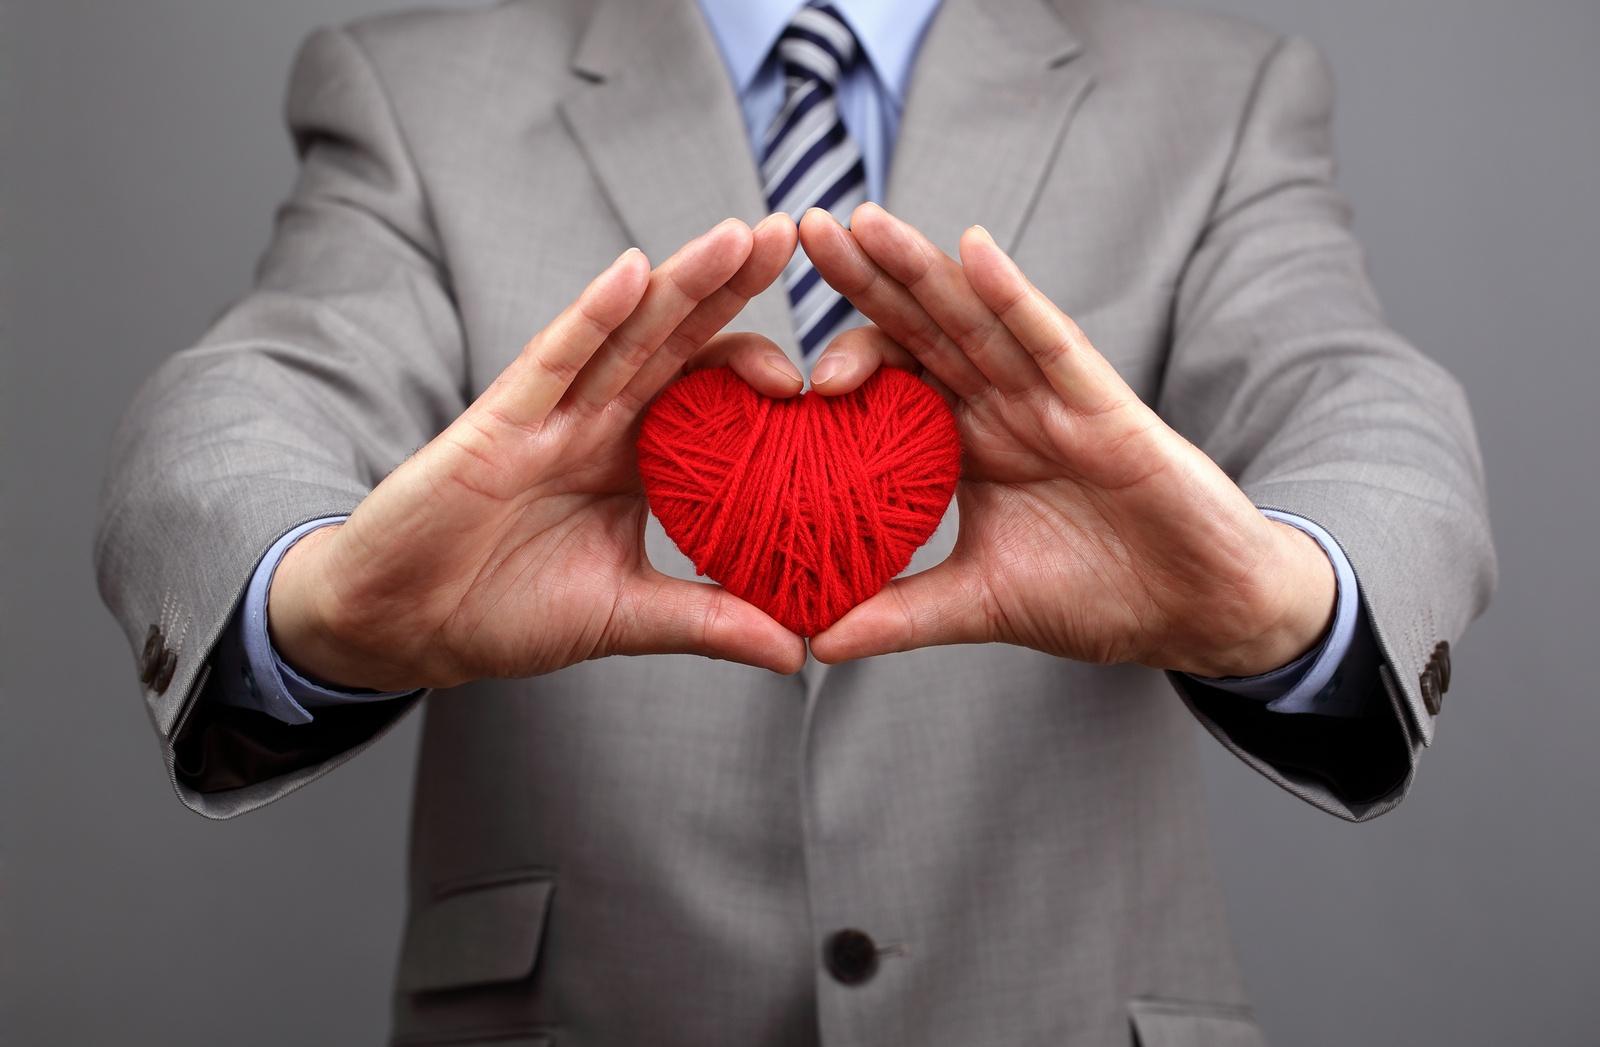 bigstock-Man-holding-a-red-woolen-heart-56186573